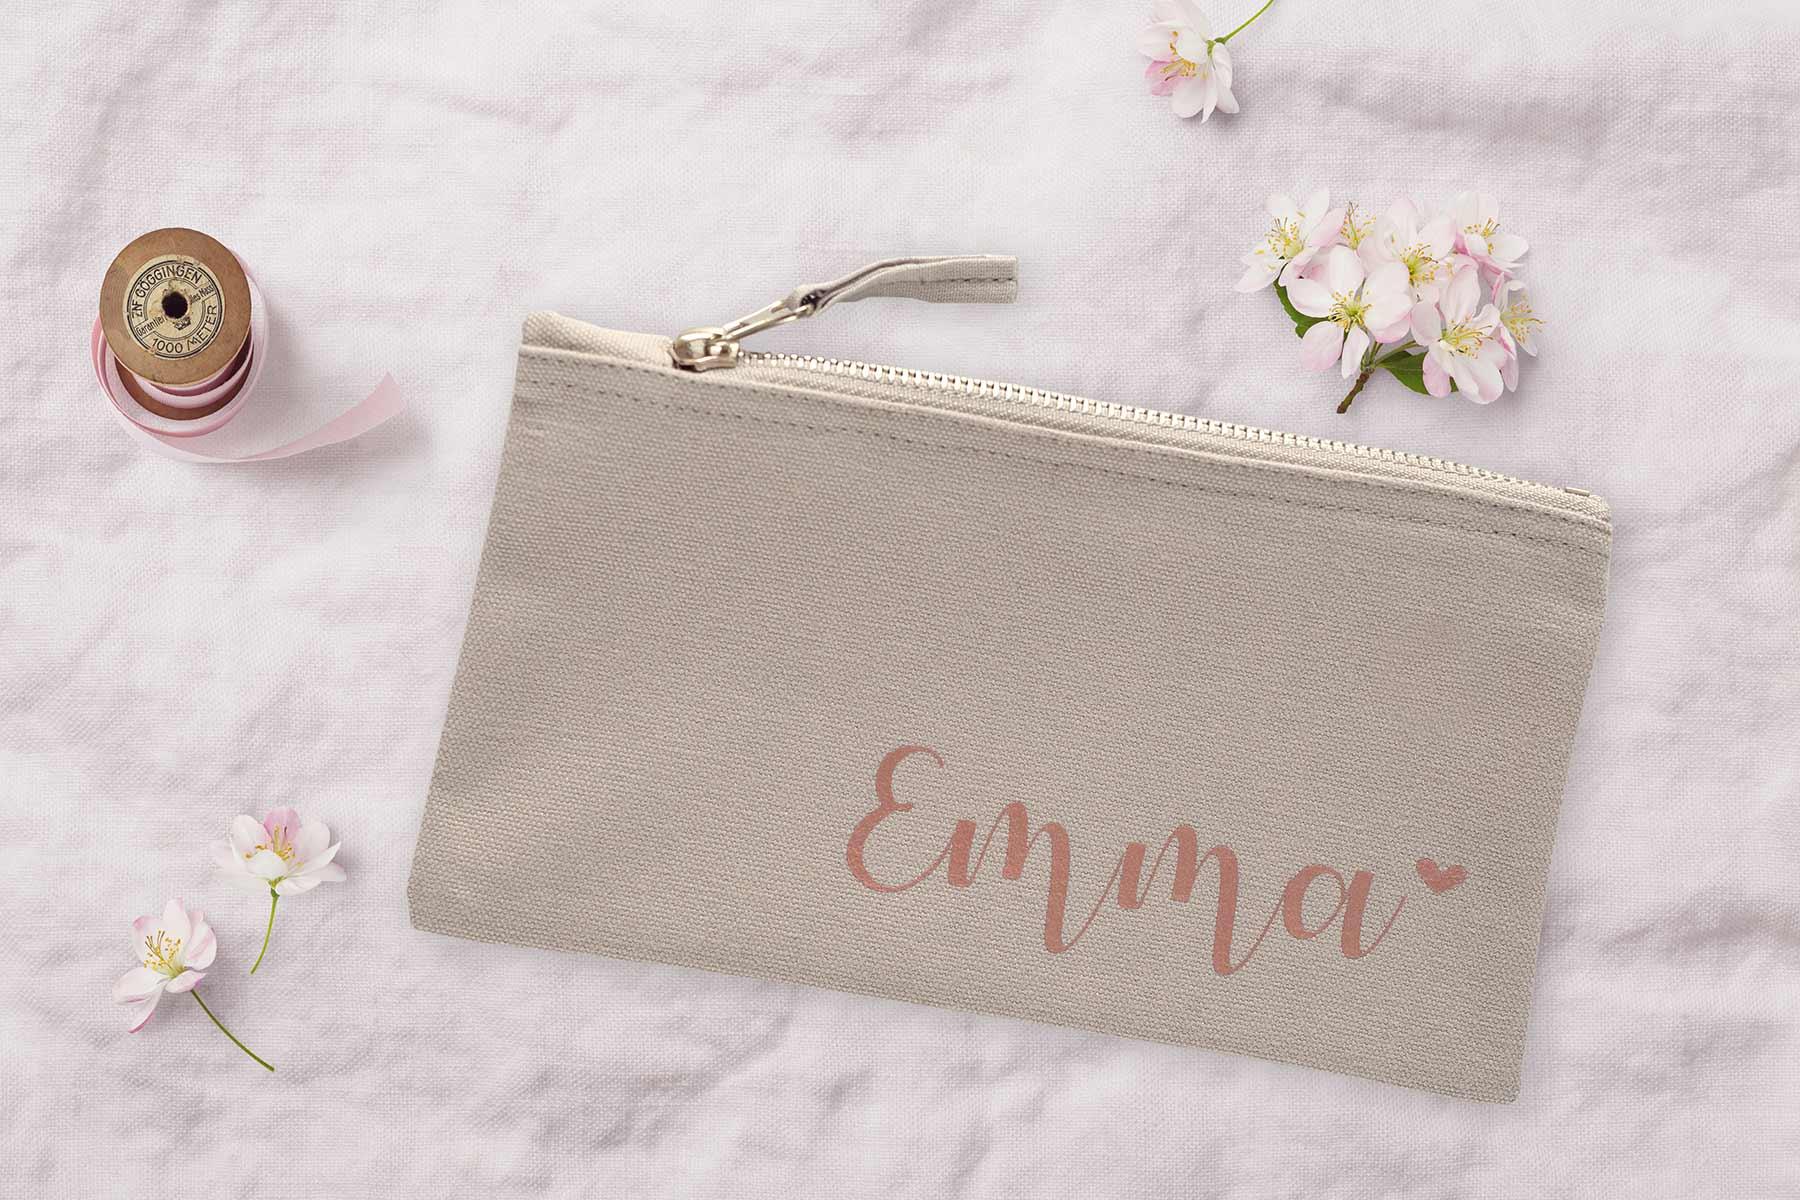 Personalisierte Kosmetiktasche für die Braut, Trauzeugin und Brautjungfern